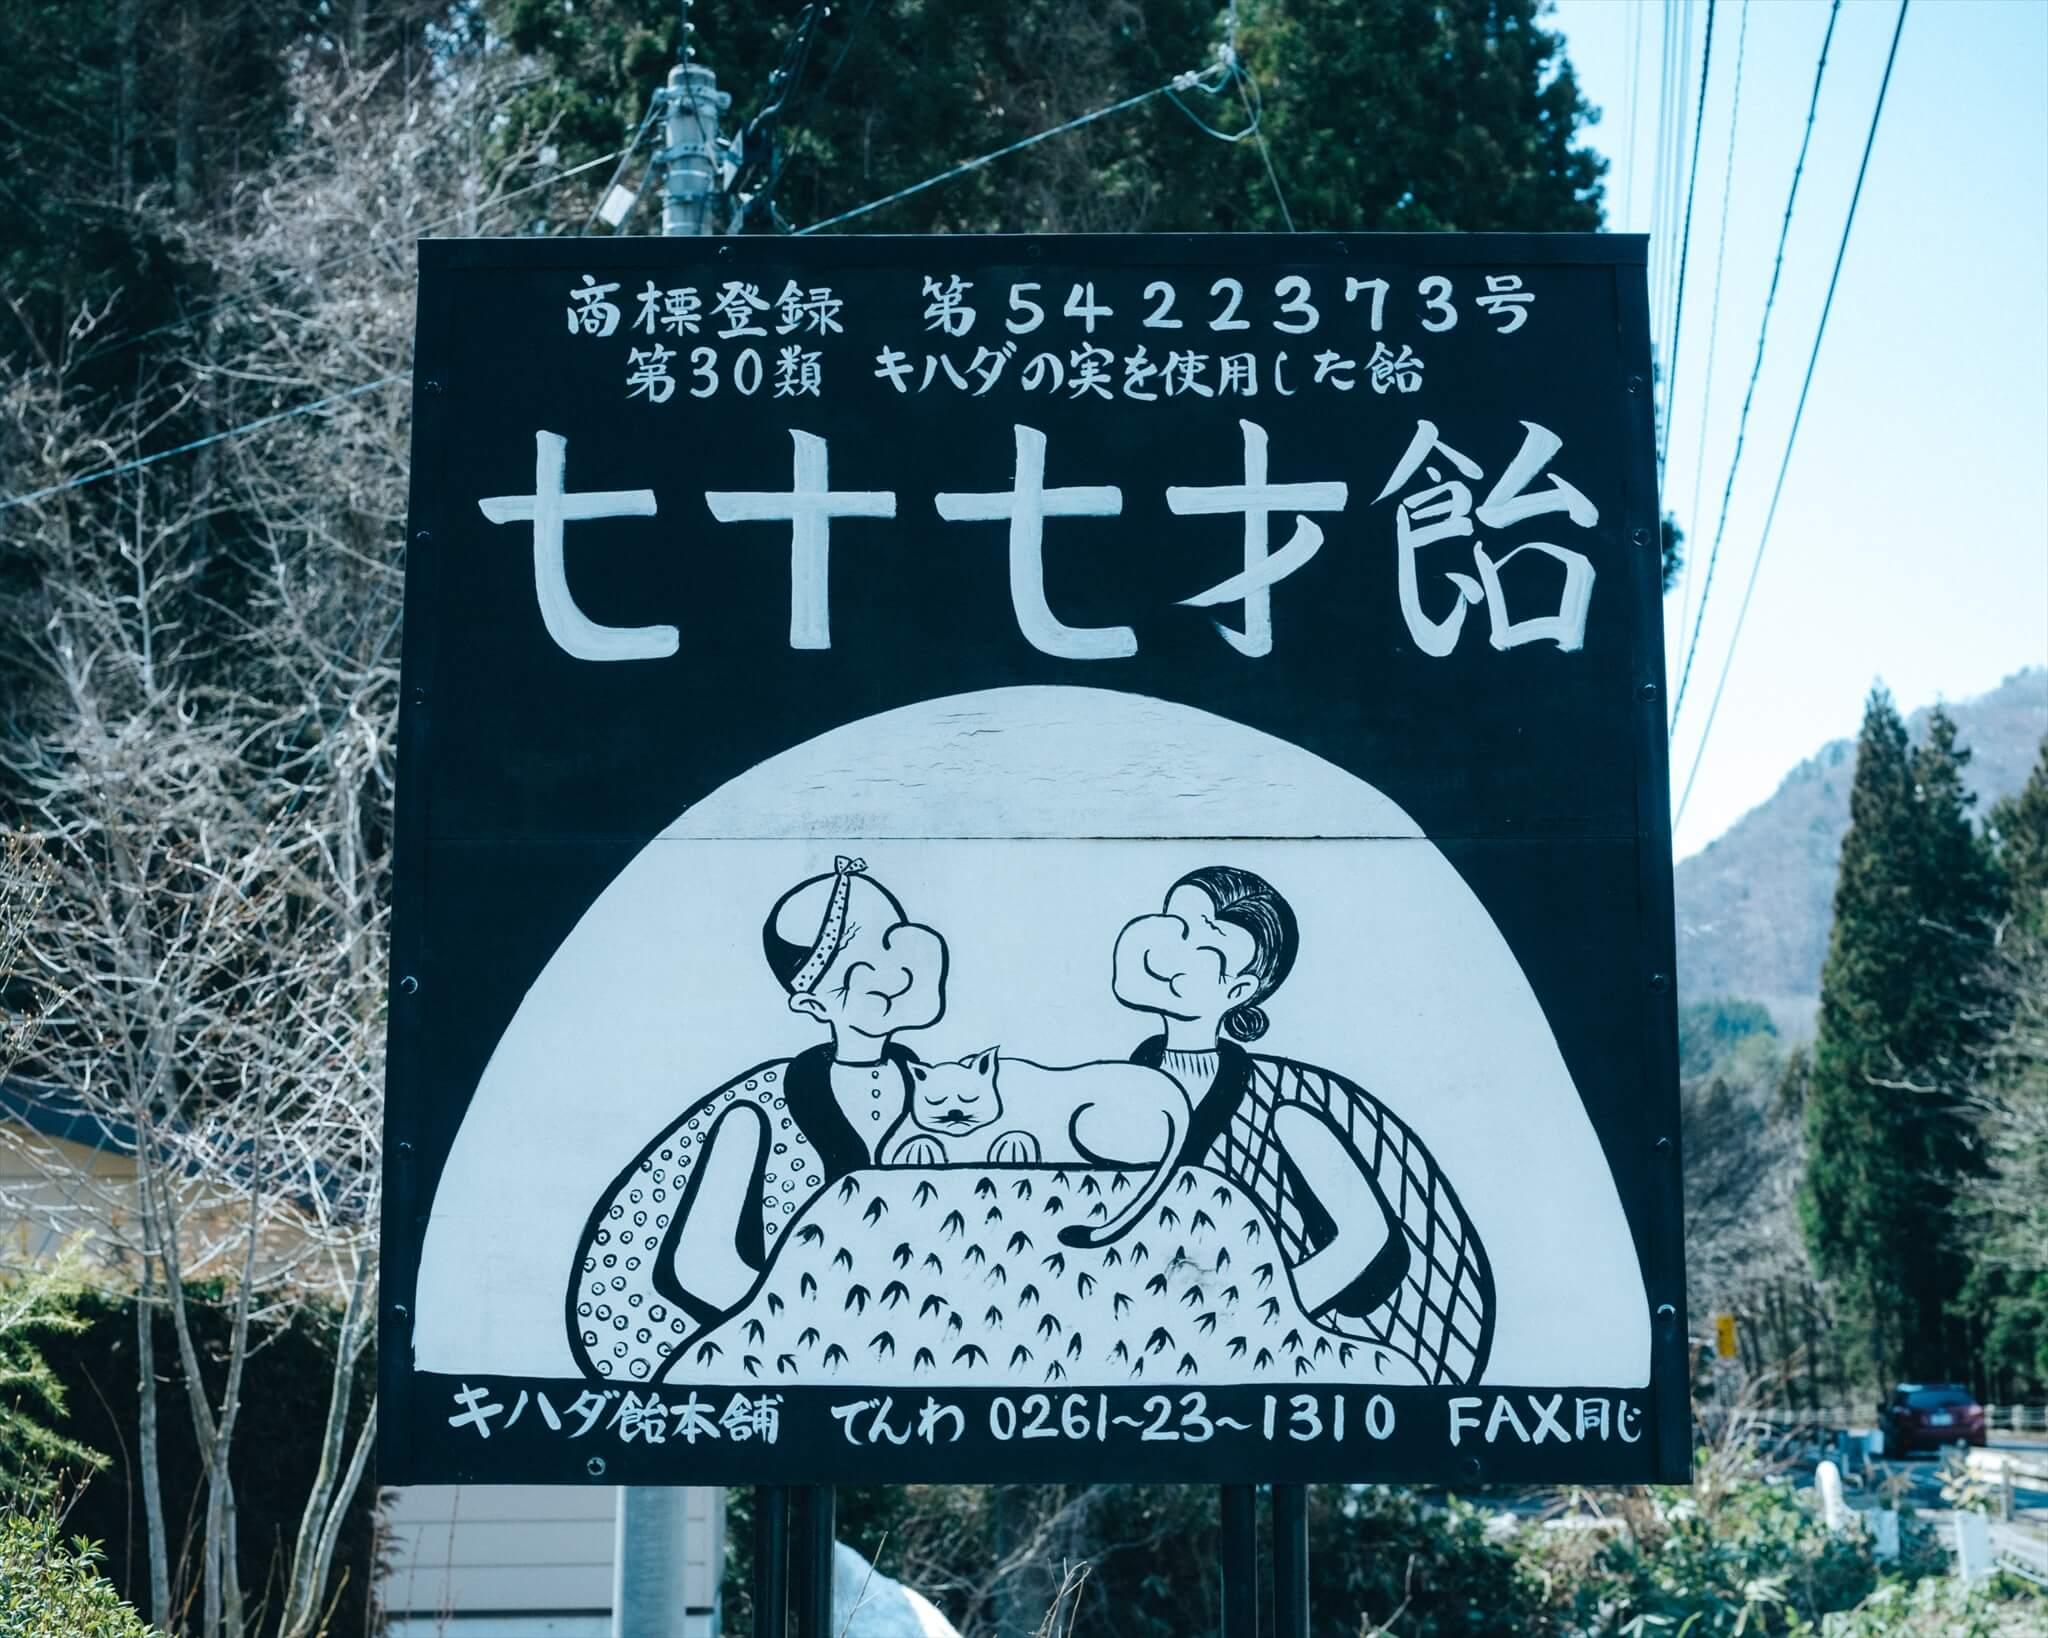 のっぺ山荘前にある看板。古川夫妻が67歳のとき、「あと10年はキハダ飴をつくる」という思いを込めて「七十七才飴」と名付けた